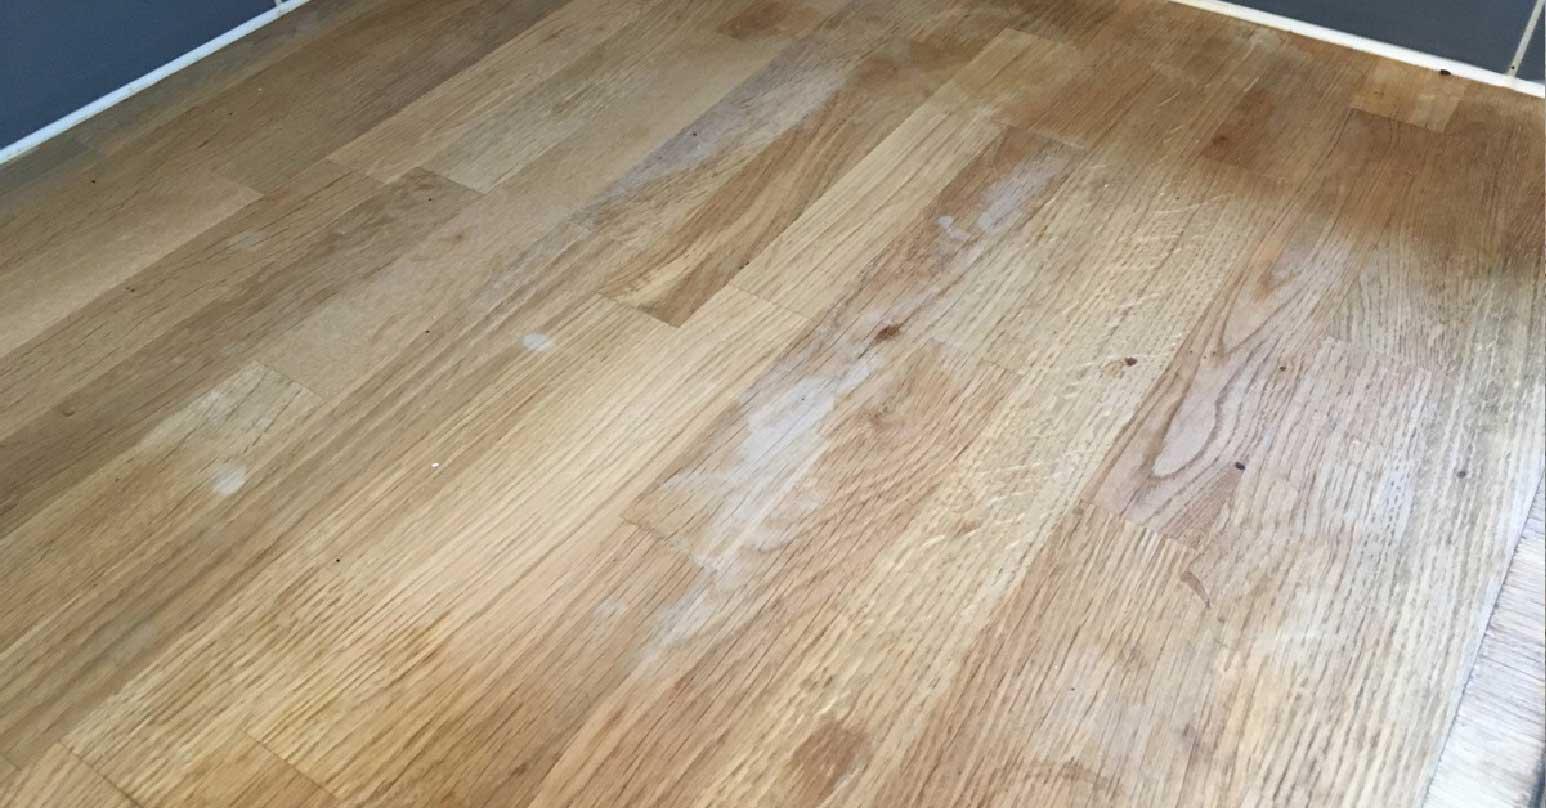 Water stained wooden worktop - Before repair